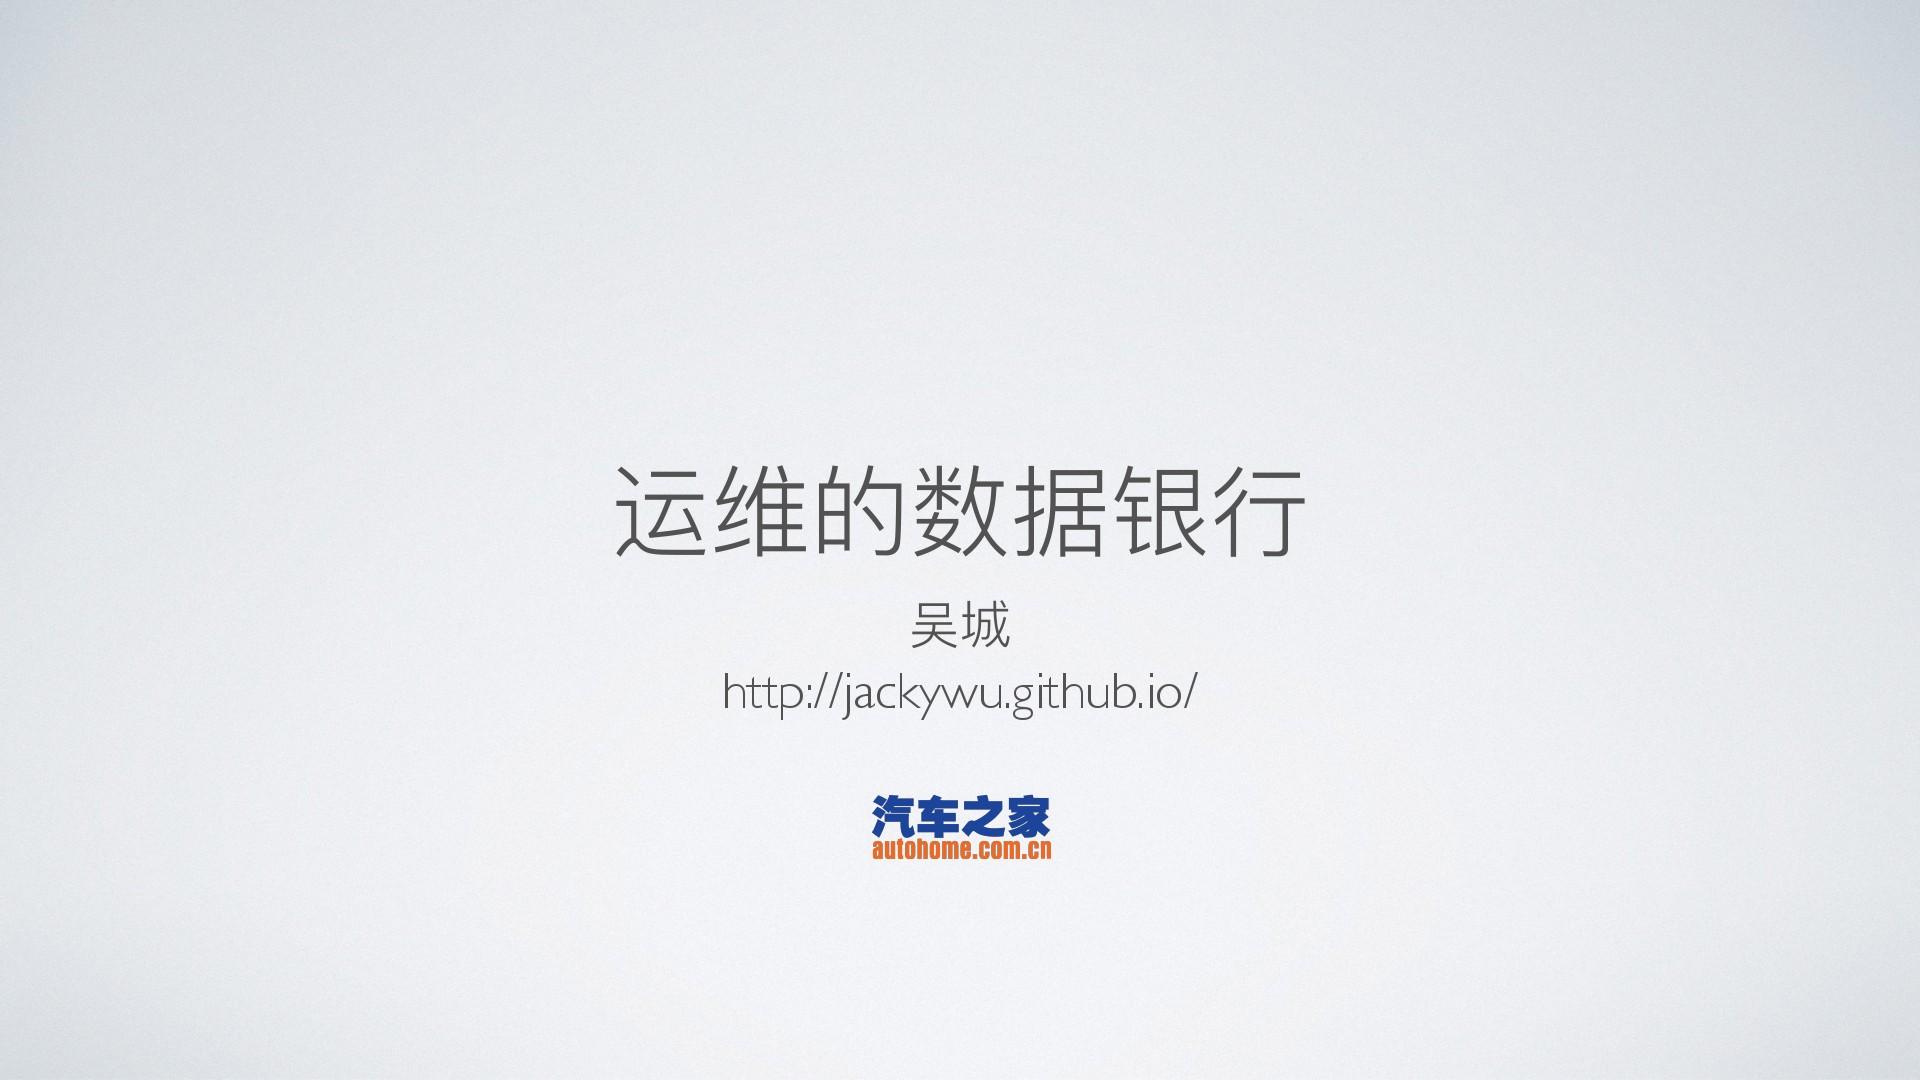 吴城-运维的数据银行